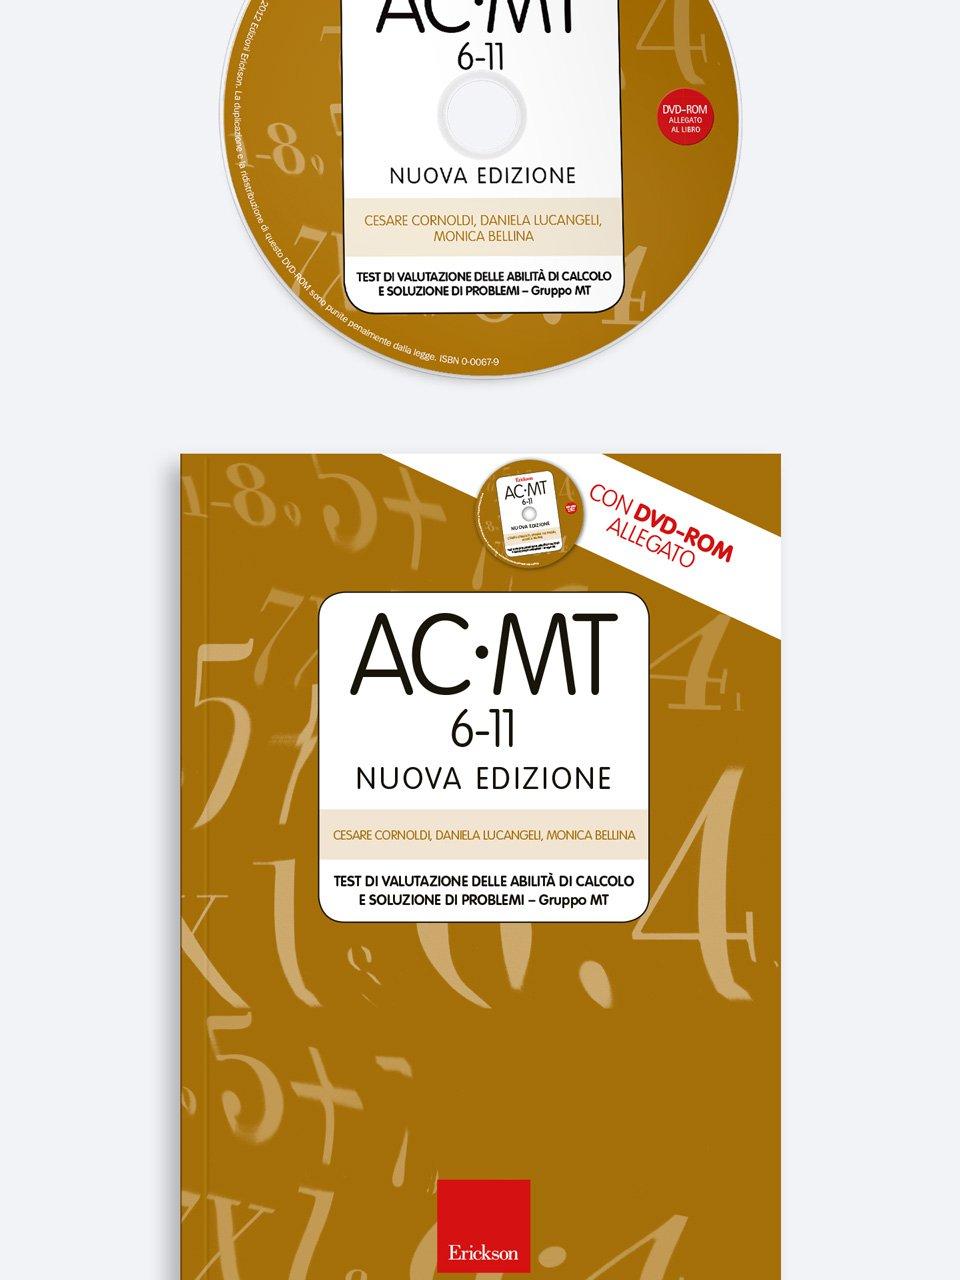 Test AC-MT 6-11 - Test di valutazione delle abilità di calcolo e soluzione di problemi - Test ABCA - Abilità di calcolo aritmetico - Libri - Erickson